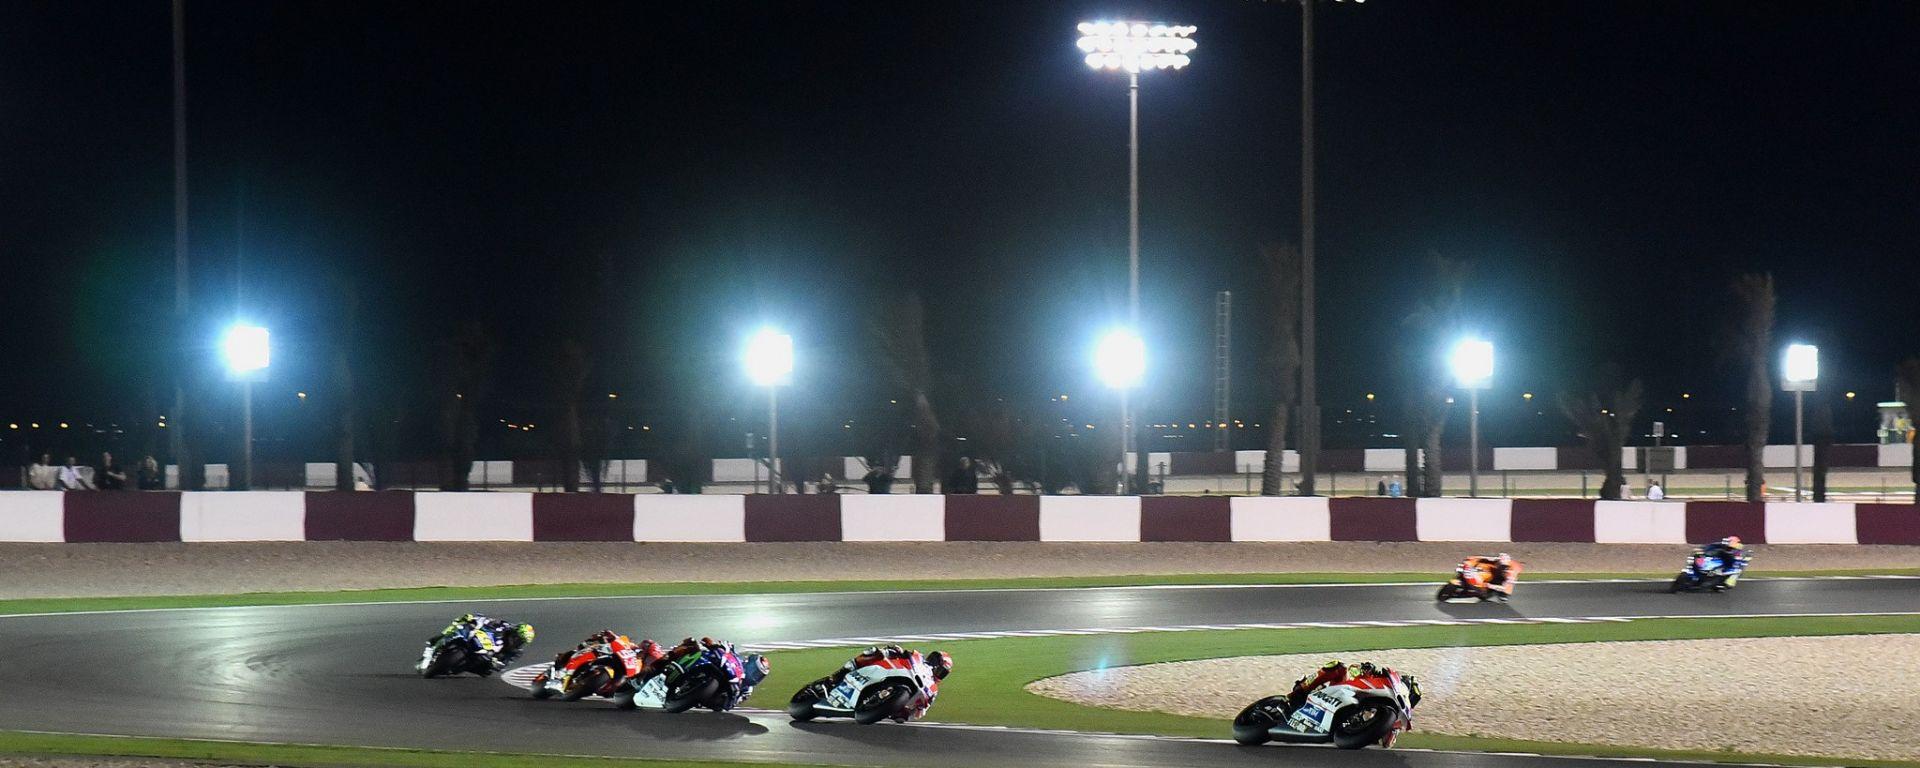 MotoGP Qatar: Prove libere, qualifiche, risultati gara